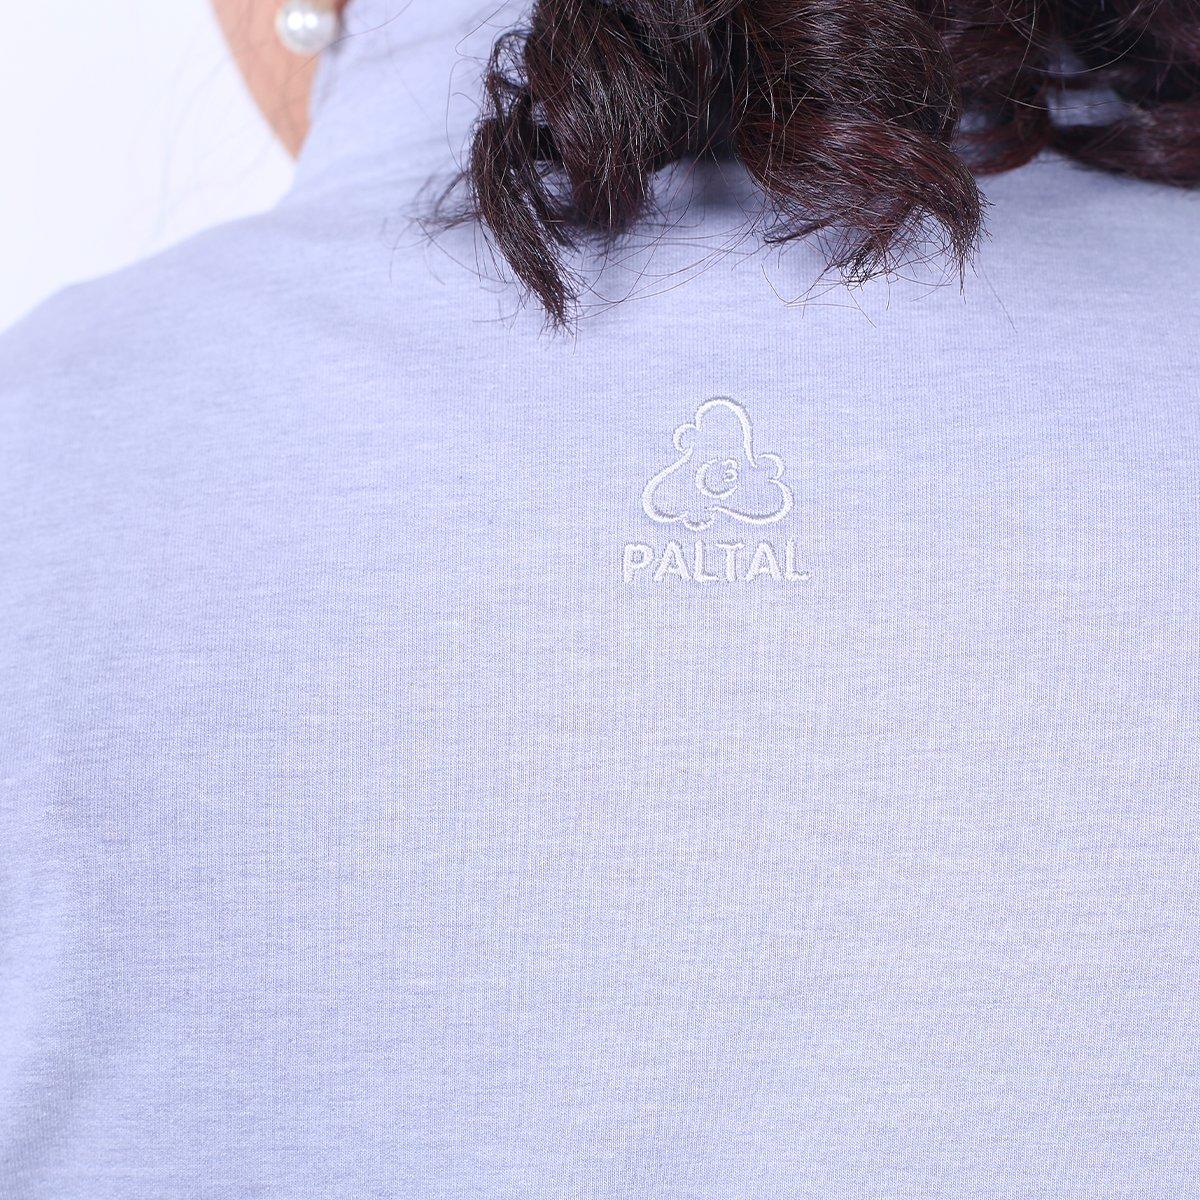 Áo khoác big size cao cấp không nón chống tia tử ngoại uv Paltal akkn 401p 1053